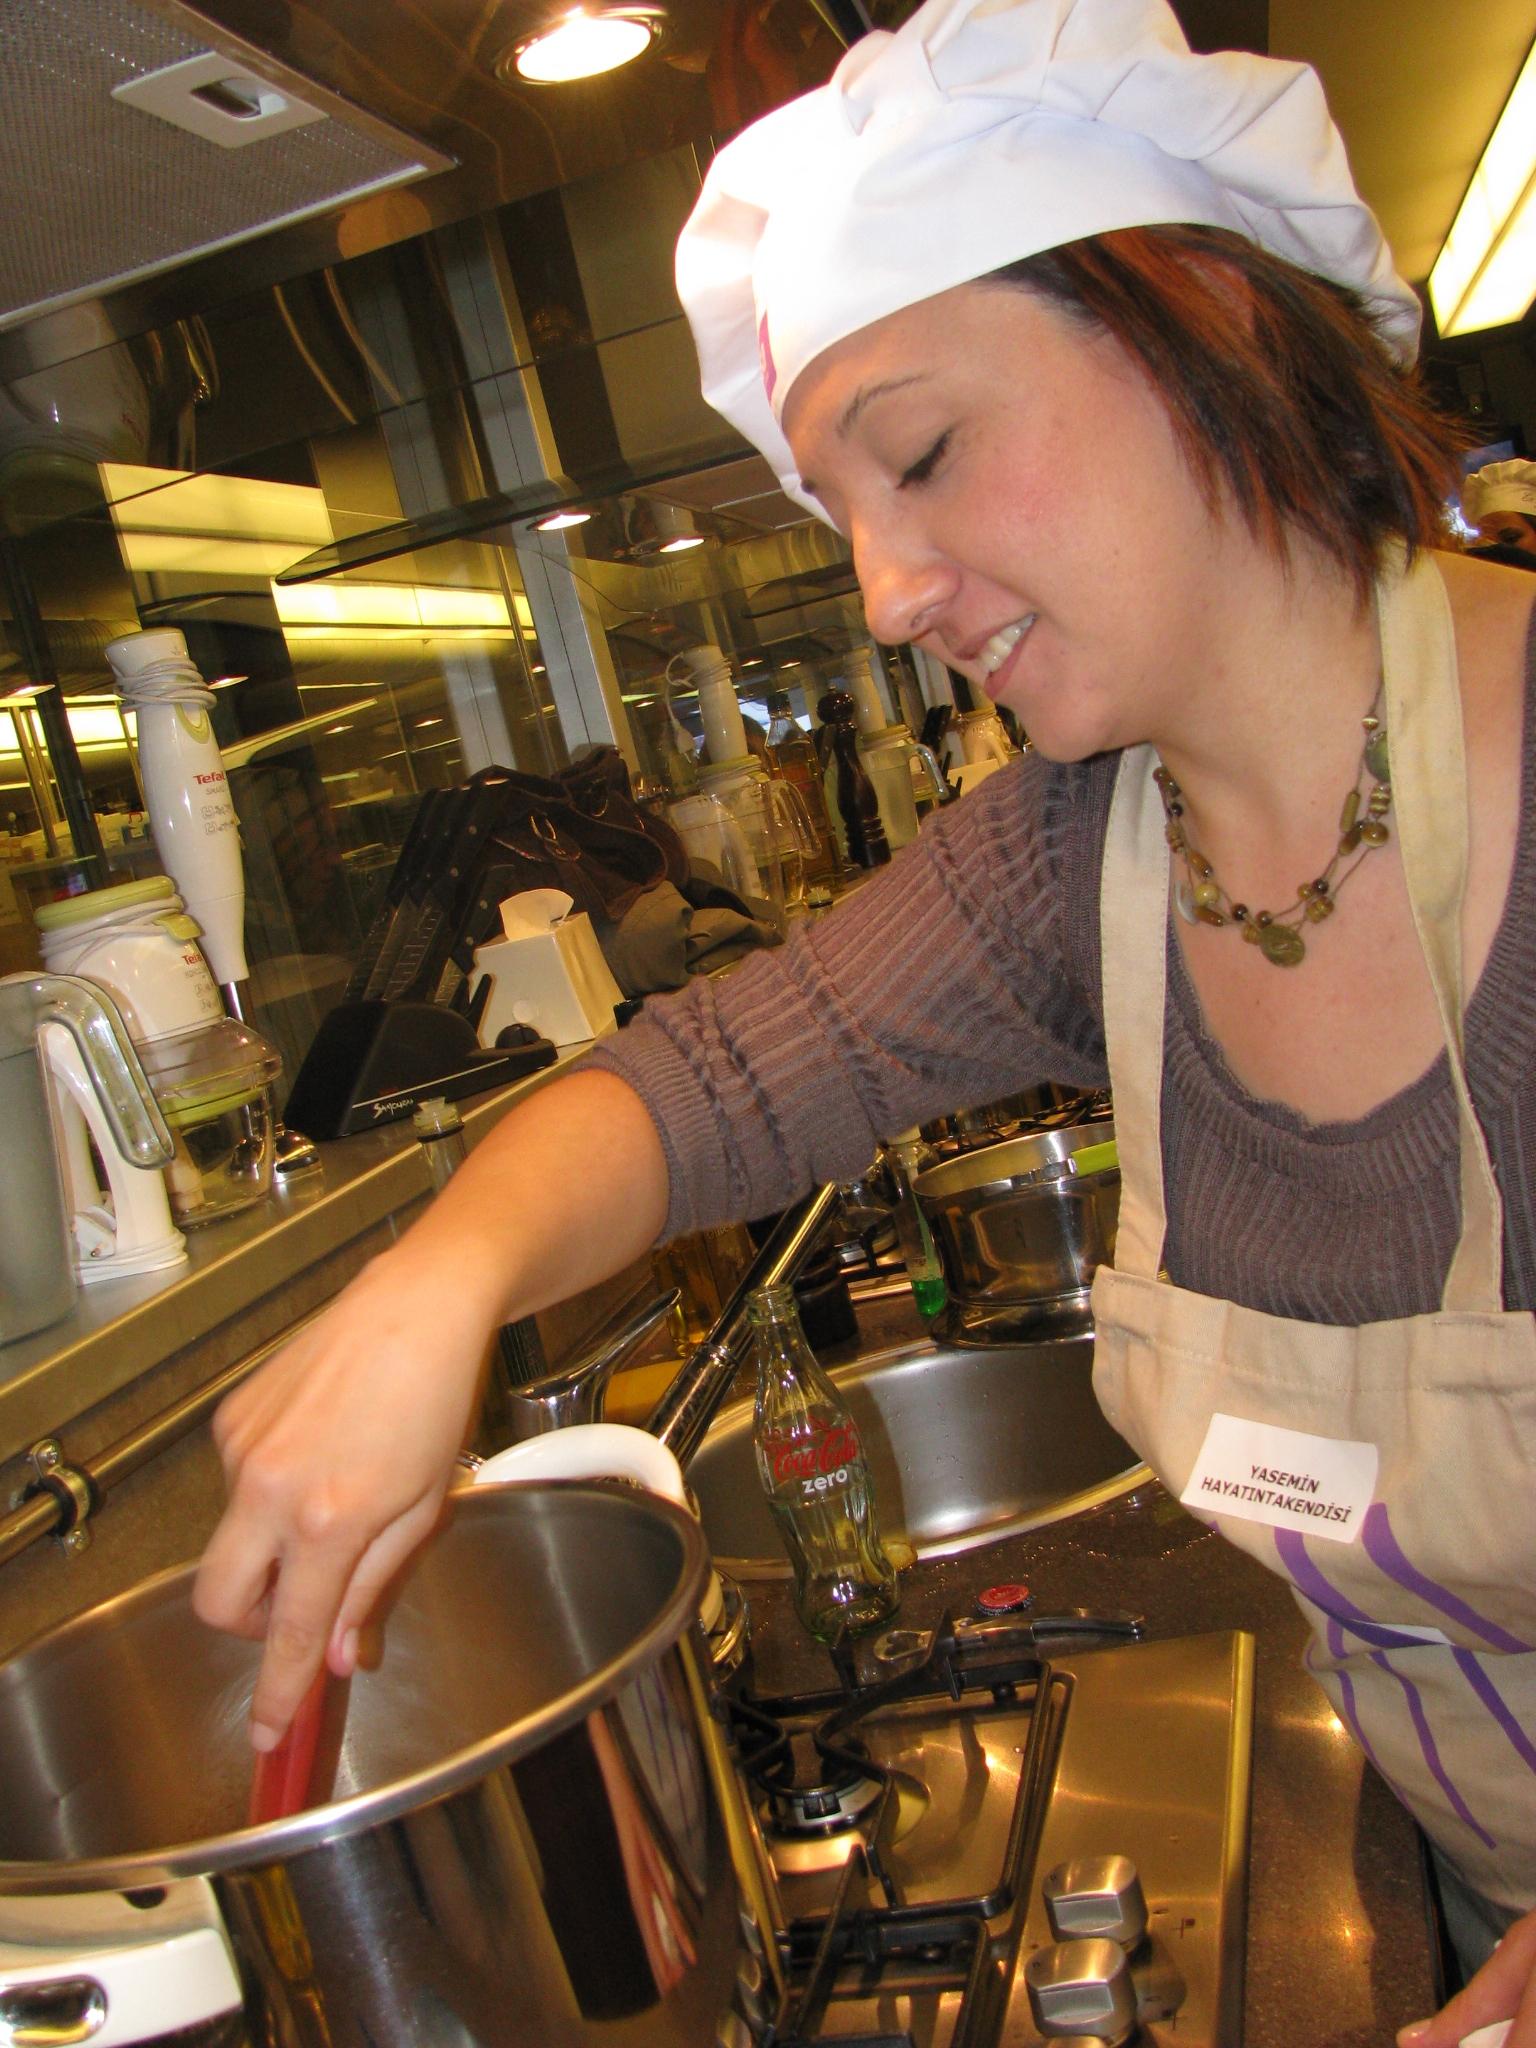 Yemek yapmayı ve sunmayı çok seven Yasemin Sümengen, iş temposunun stresinden kurtulabilmek için kendini mutfağa atıyordu.